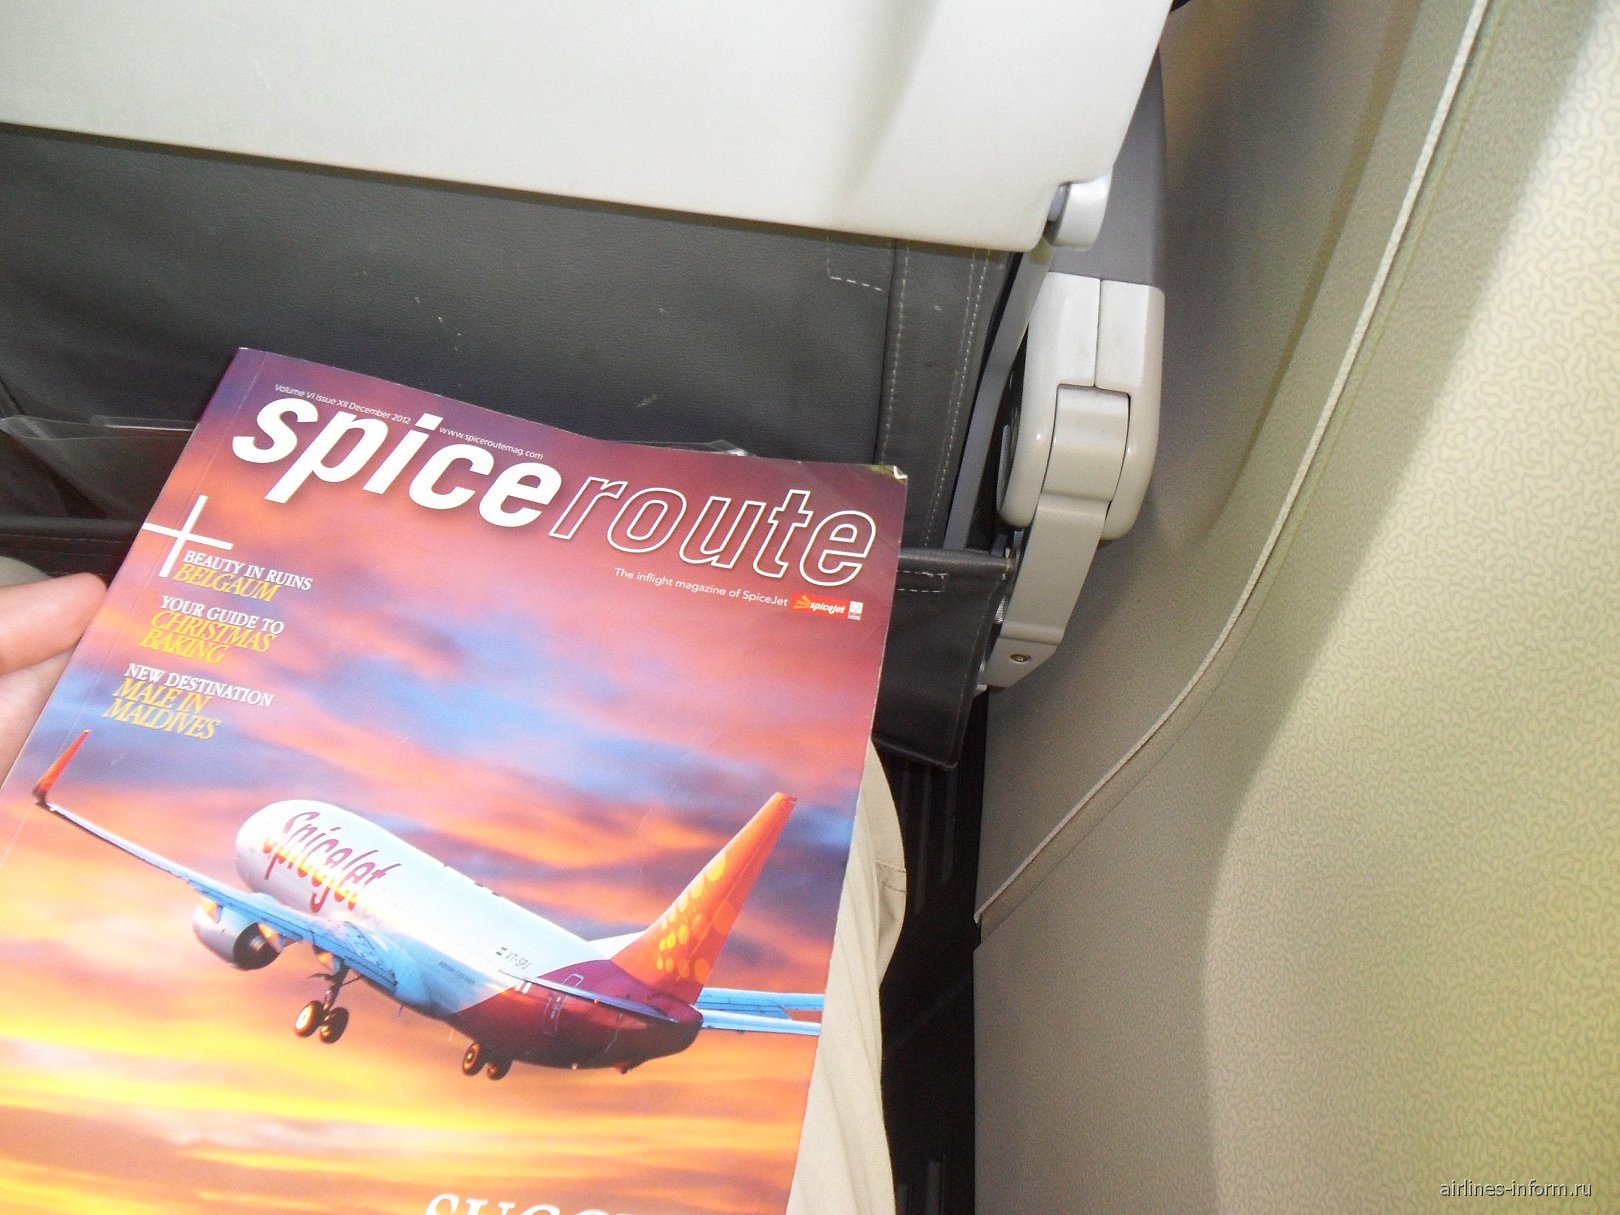 Бортовой журнал авиакомпании SpiceJet